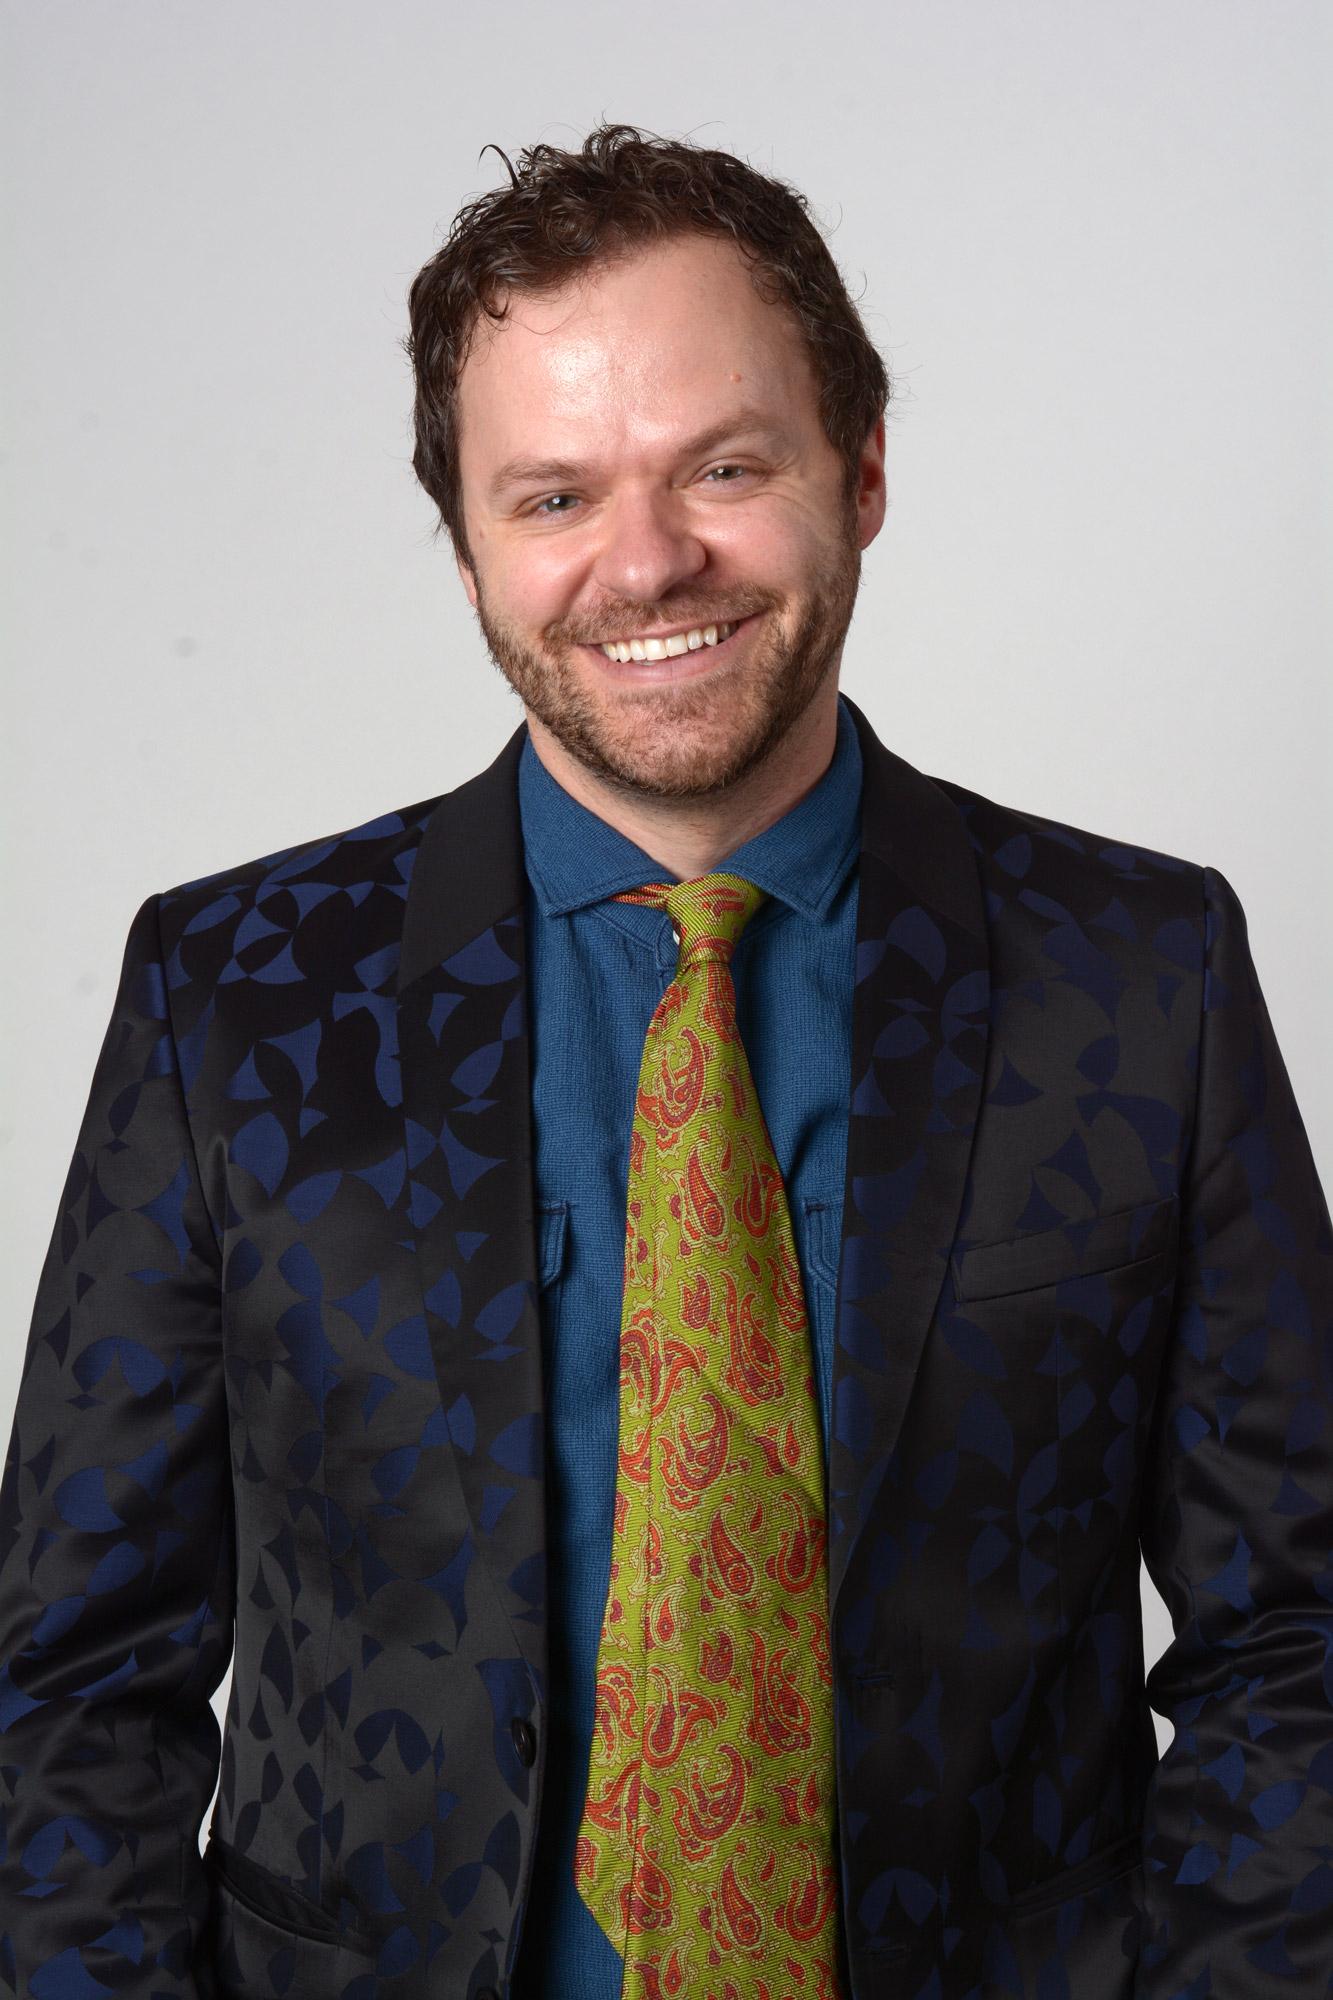 Sean Bott, Speaker, Entertainer, Mind-Reader